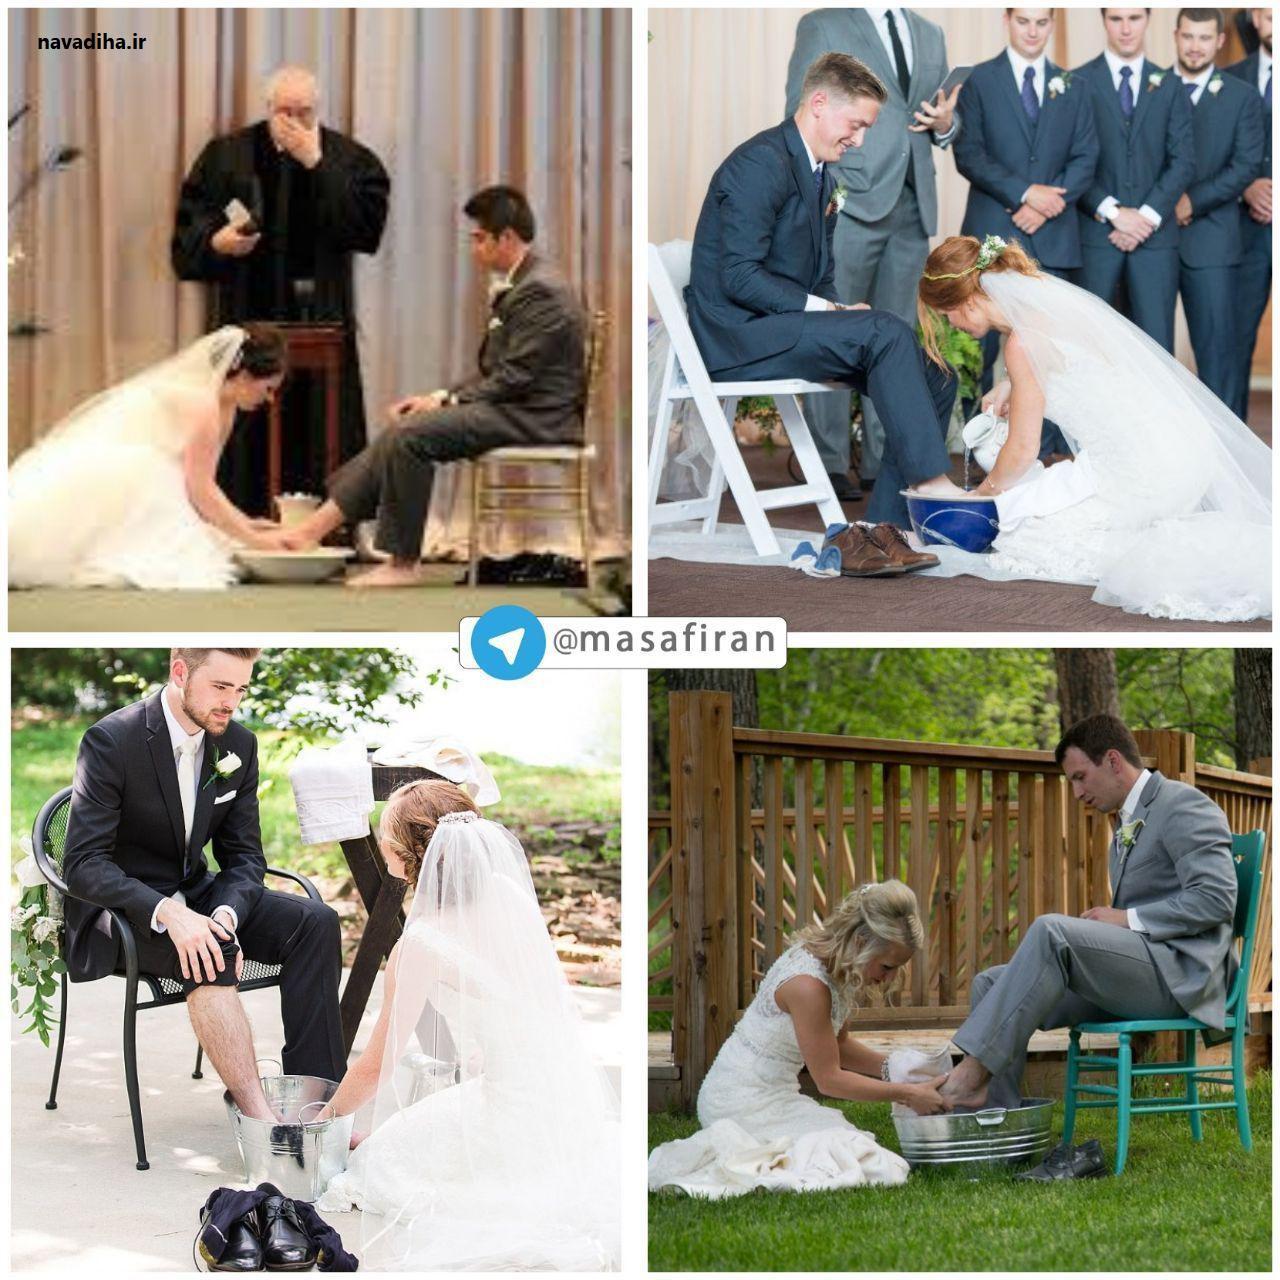 عکس پاشستن عروس برای داماد در غرب!